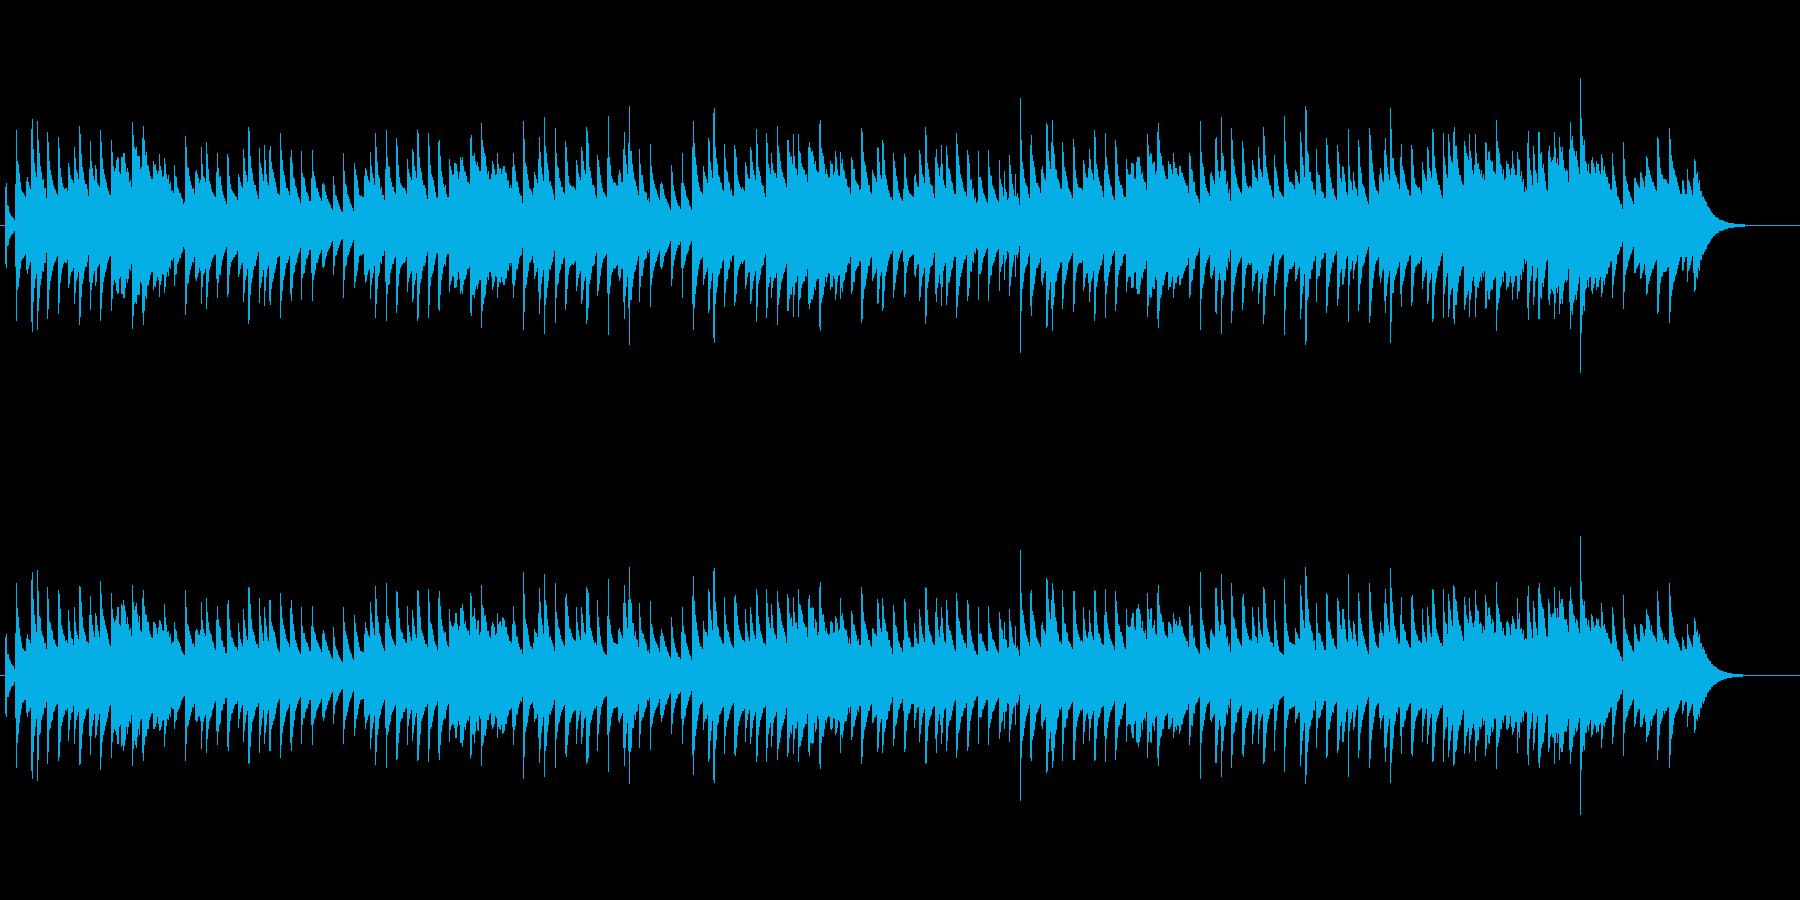 民謡の切ないオルゴールアレンジ 蛍の光の再生済みの波形